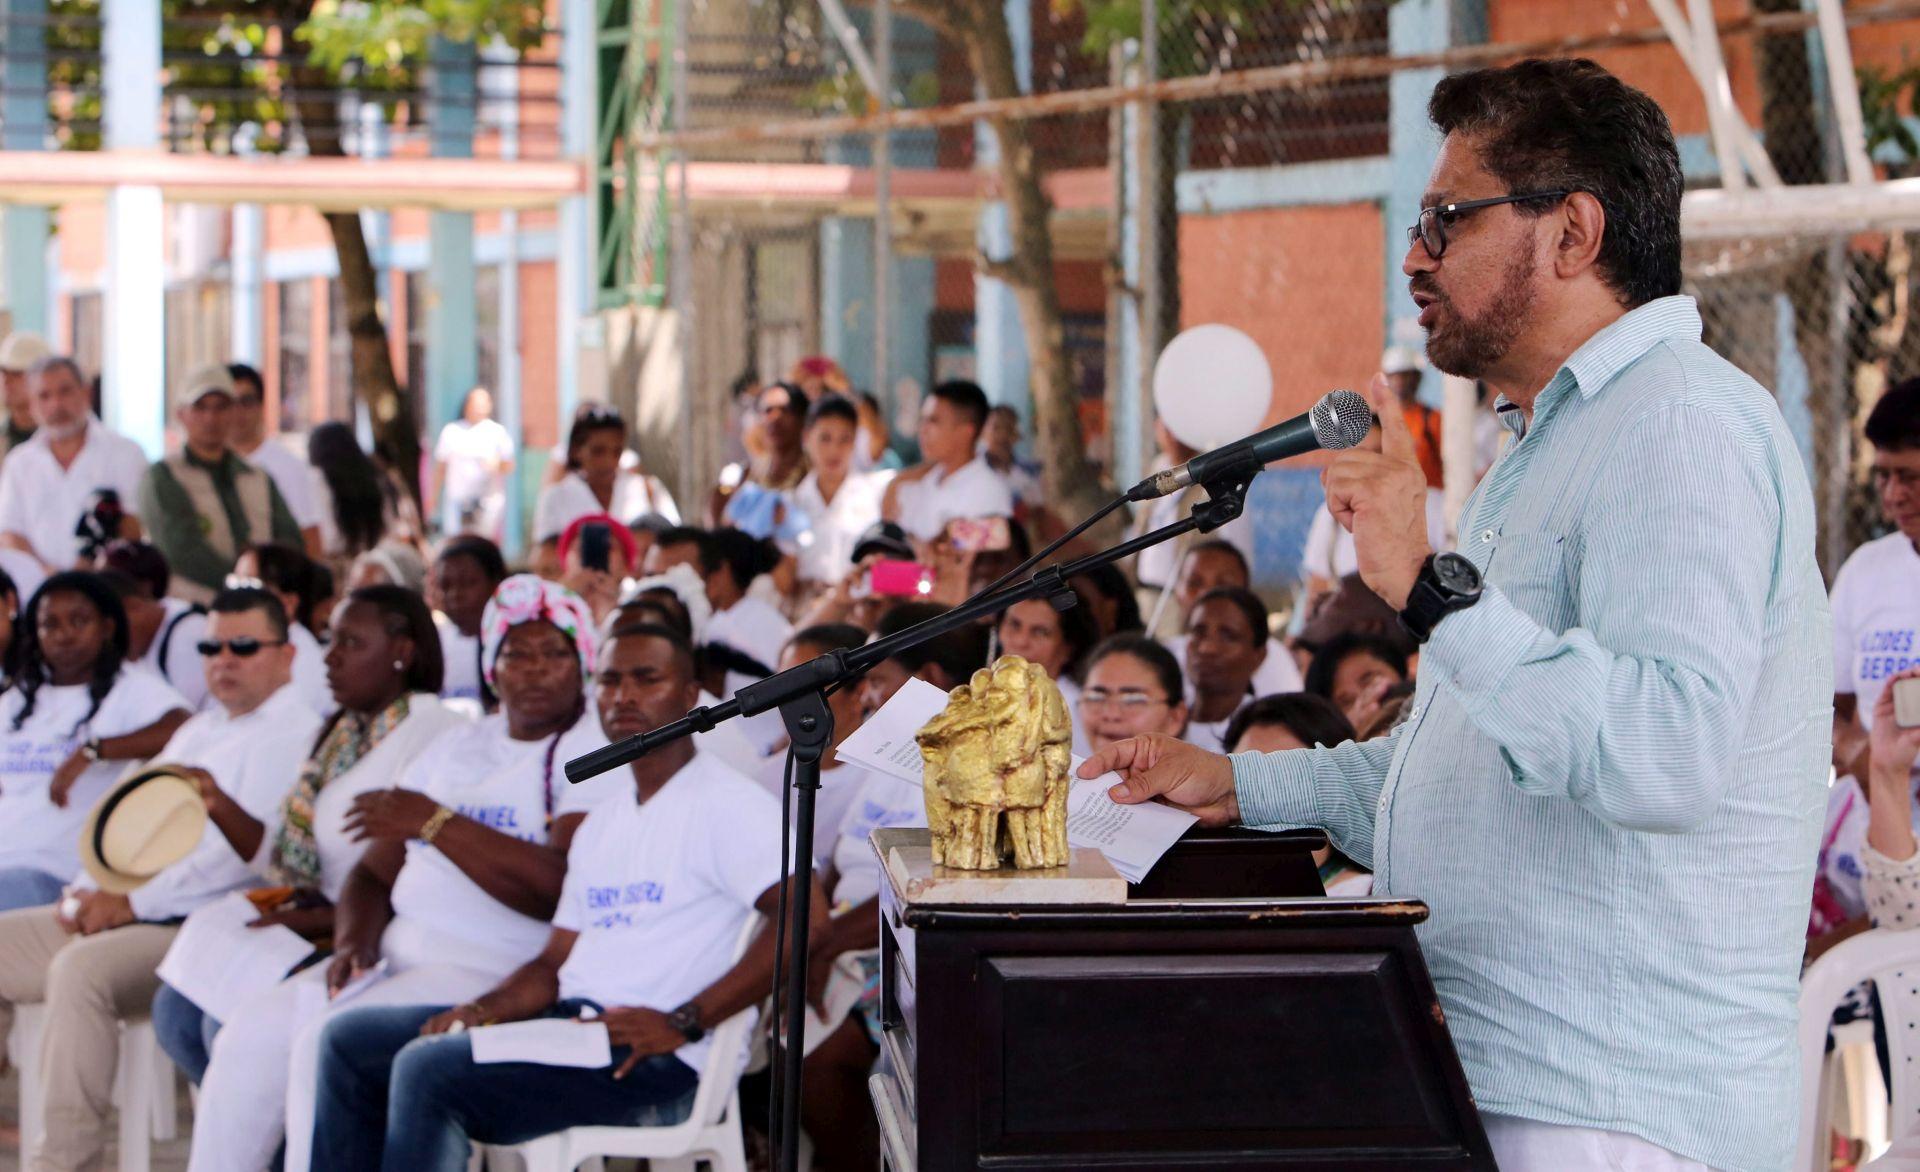 MIROVNI UGOVOR: Kolumbijska gerila FARC će isplatiti odštetu žrtvama